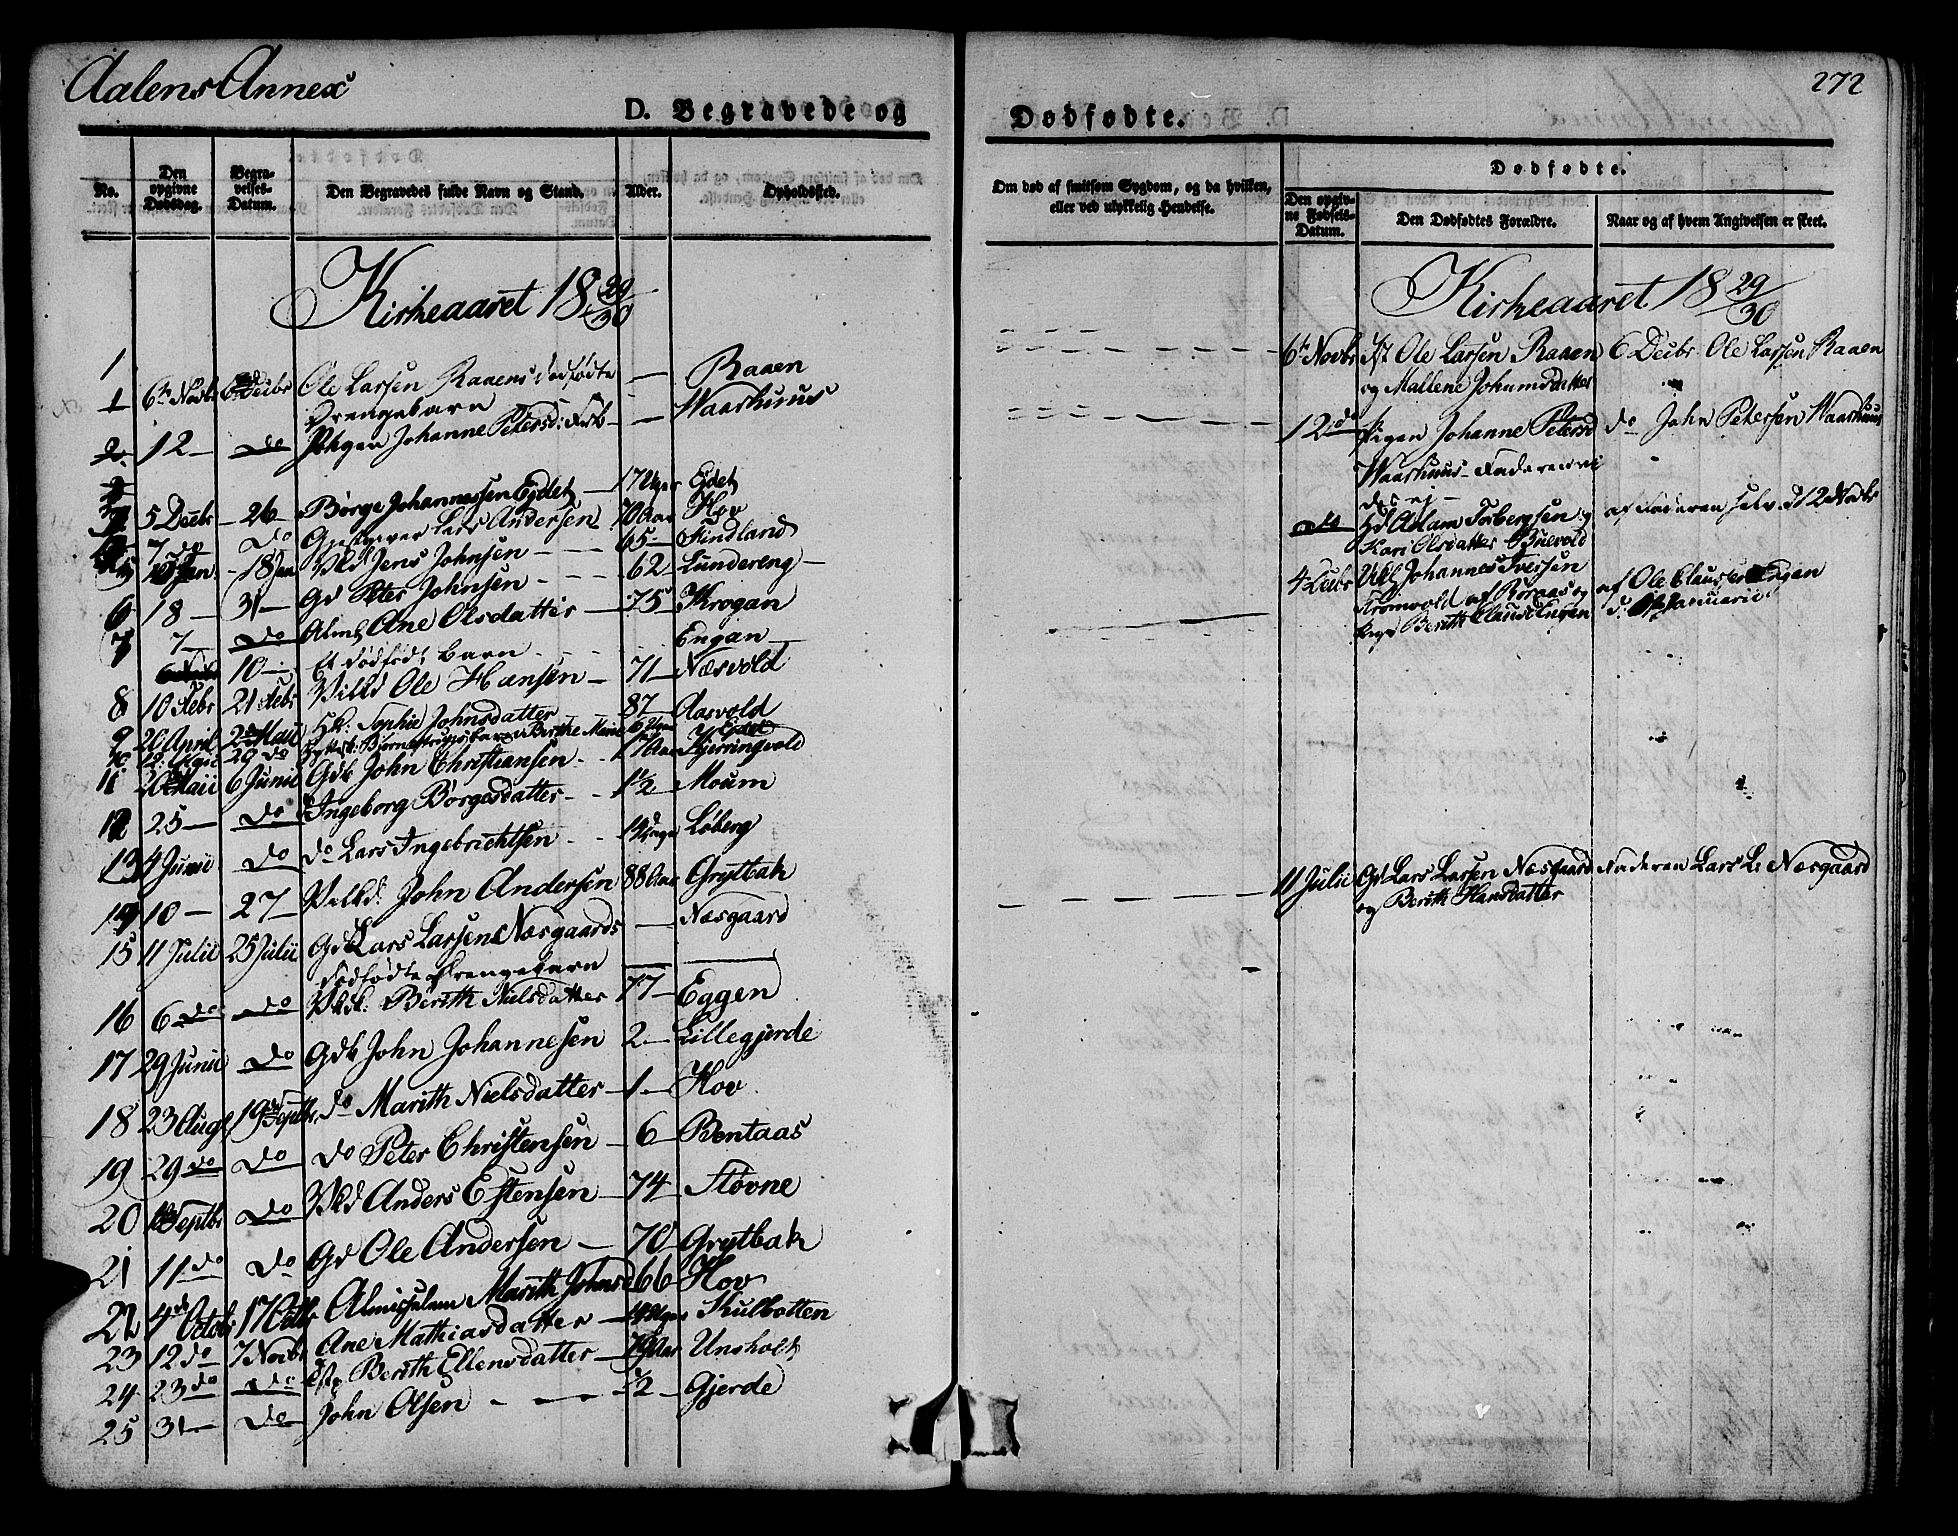 SAT, Ministerialprotokoller, klokkerbøker og fødselsregistre - Sør-Trøndelag, 685/L0962: Ministerialbok nr. 685A05 /3, 1829-1845, s. 272